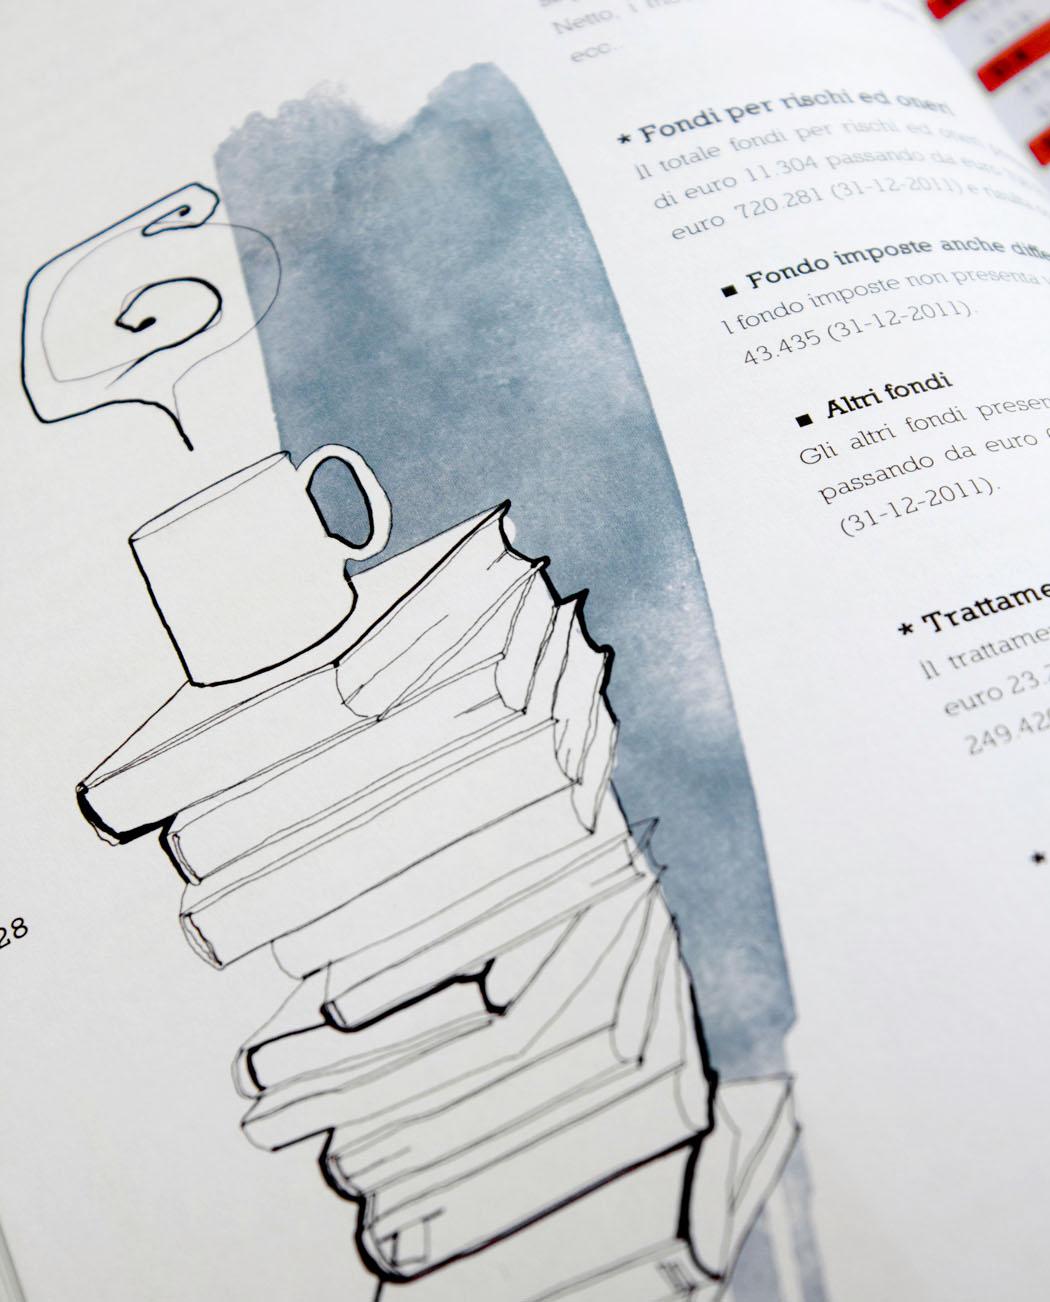 Bilancio di Esercizio 2012 | Opificio V